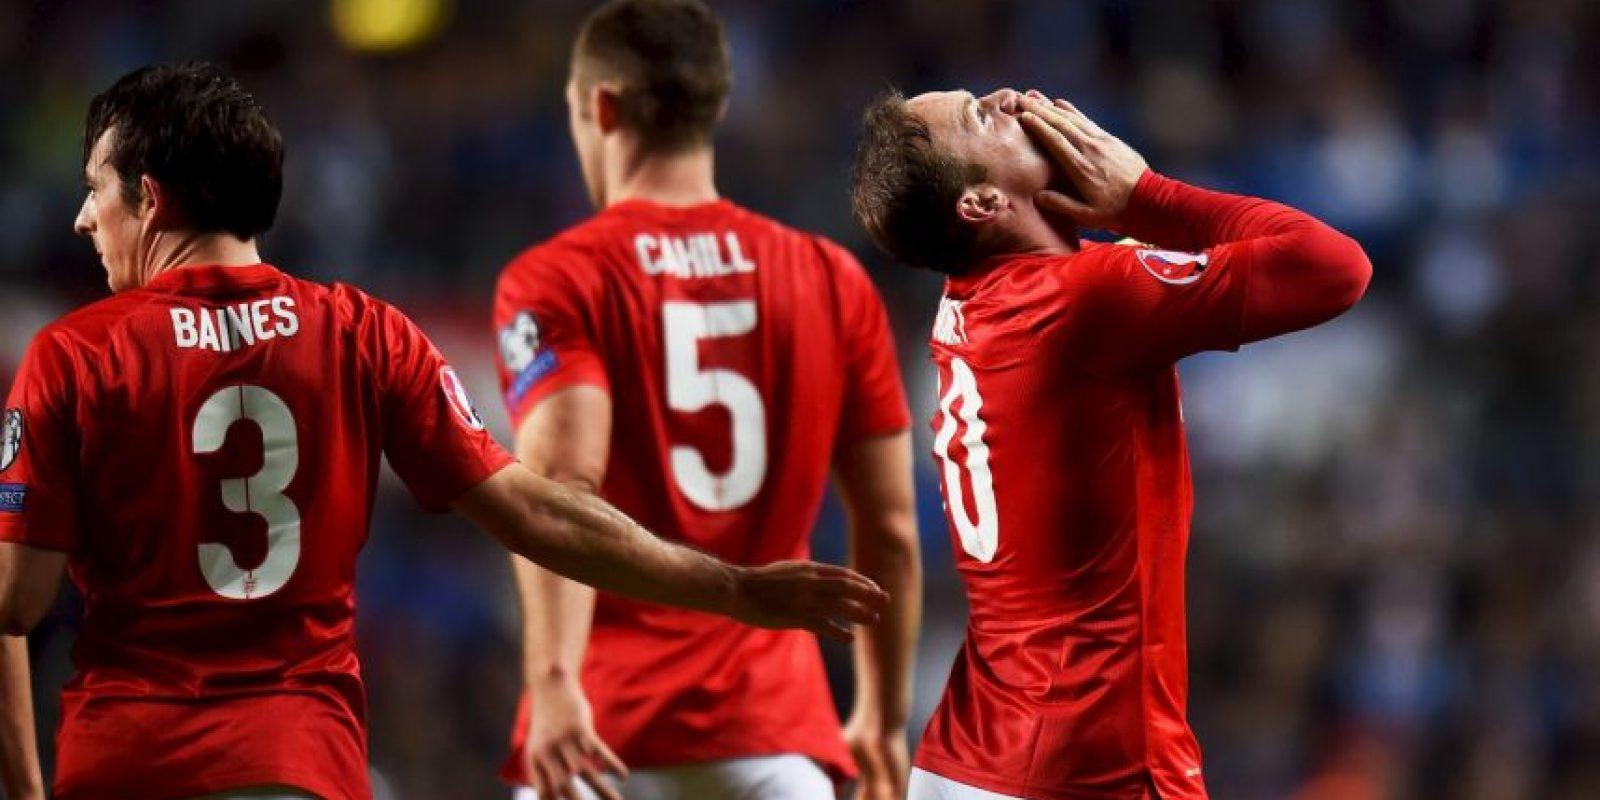 Pero un gol de Rooney le dio la victoria a los ingleses Foto:Getty